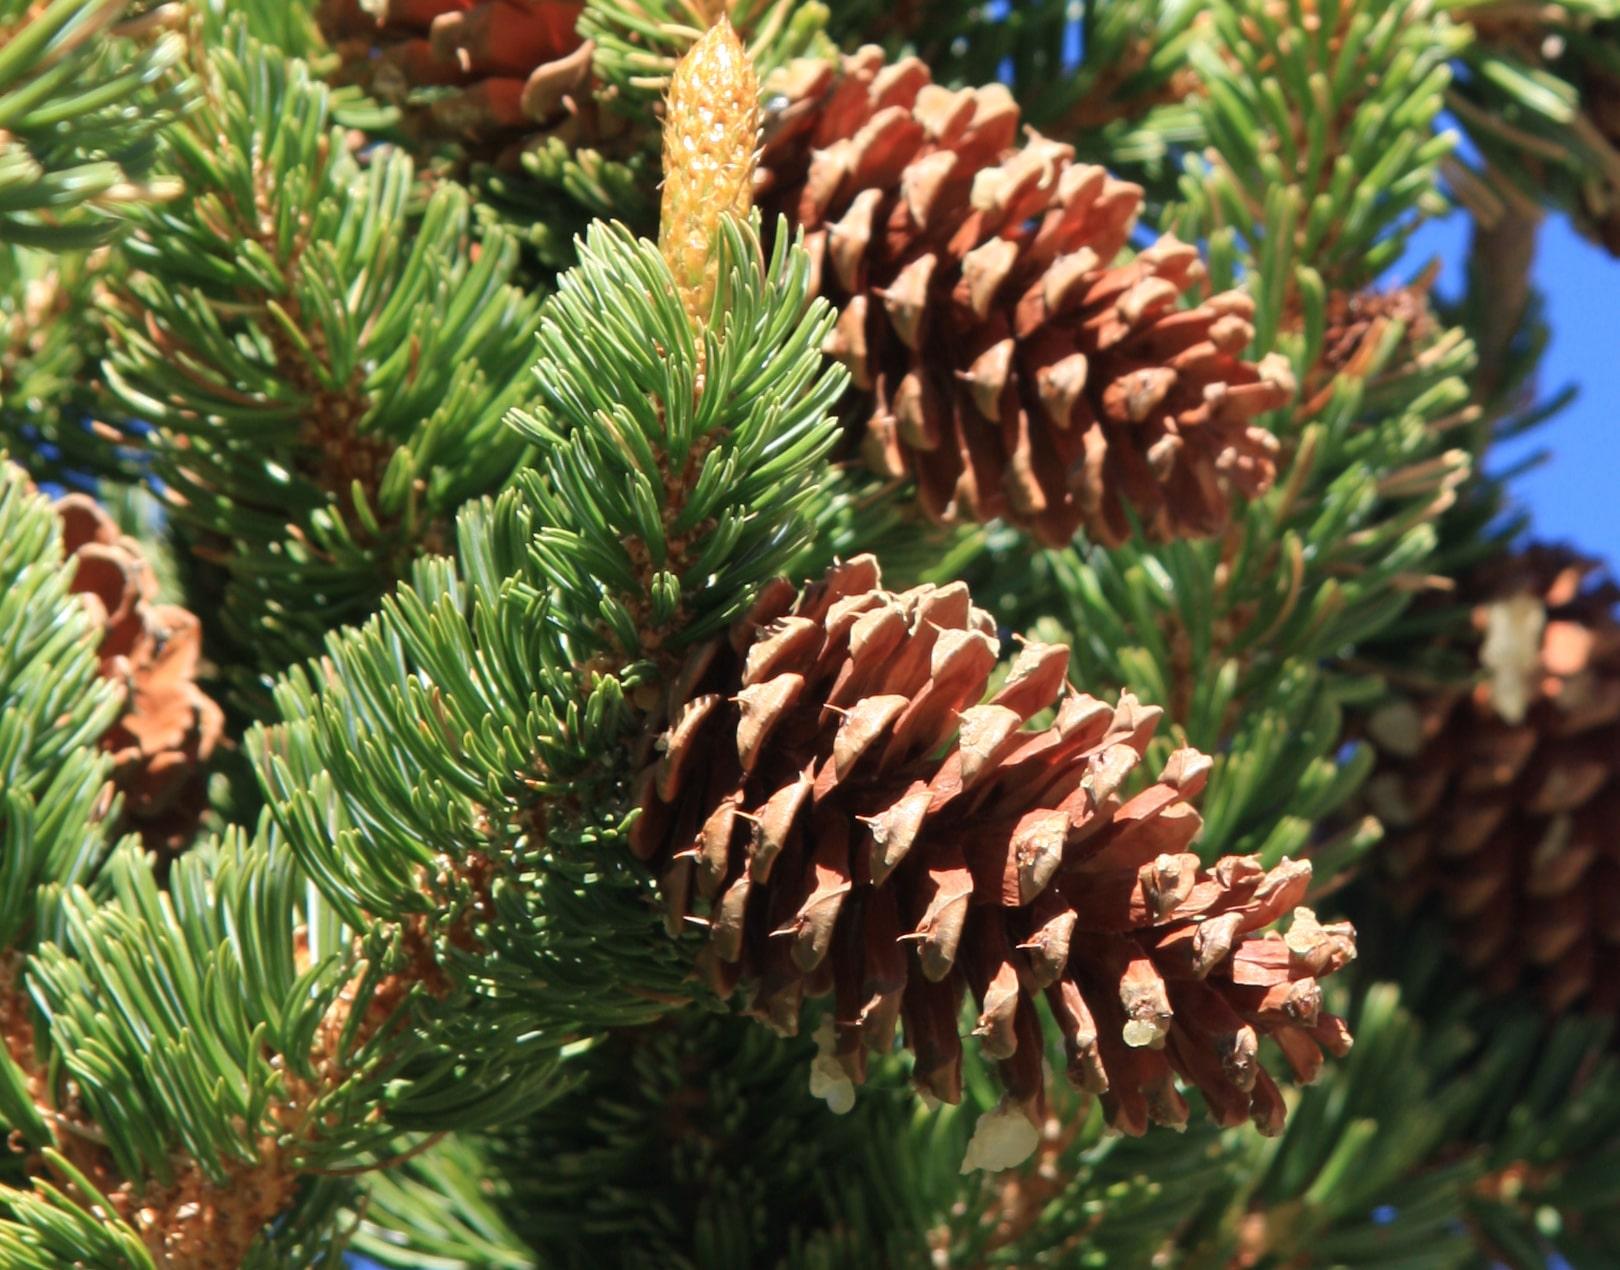 Conos del pino longevo